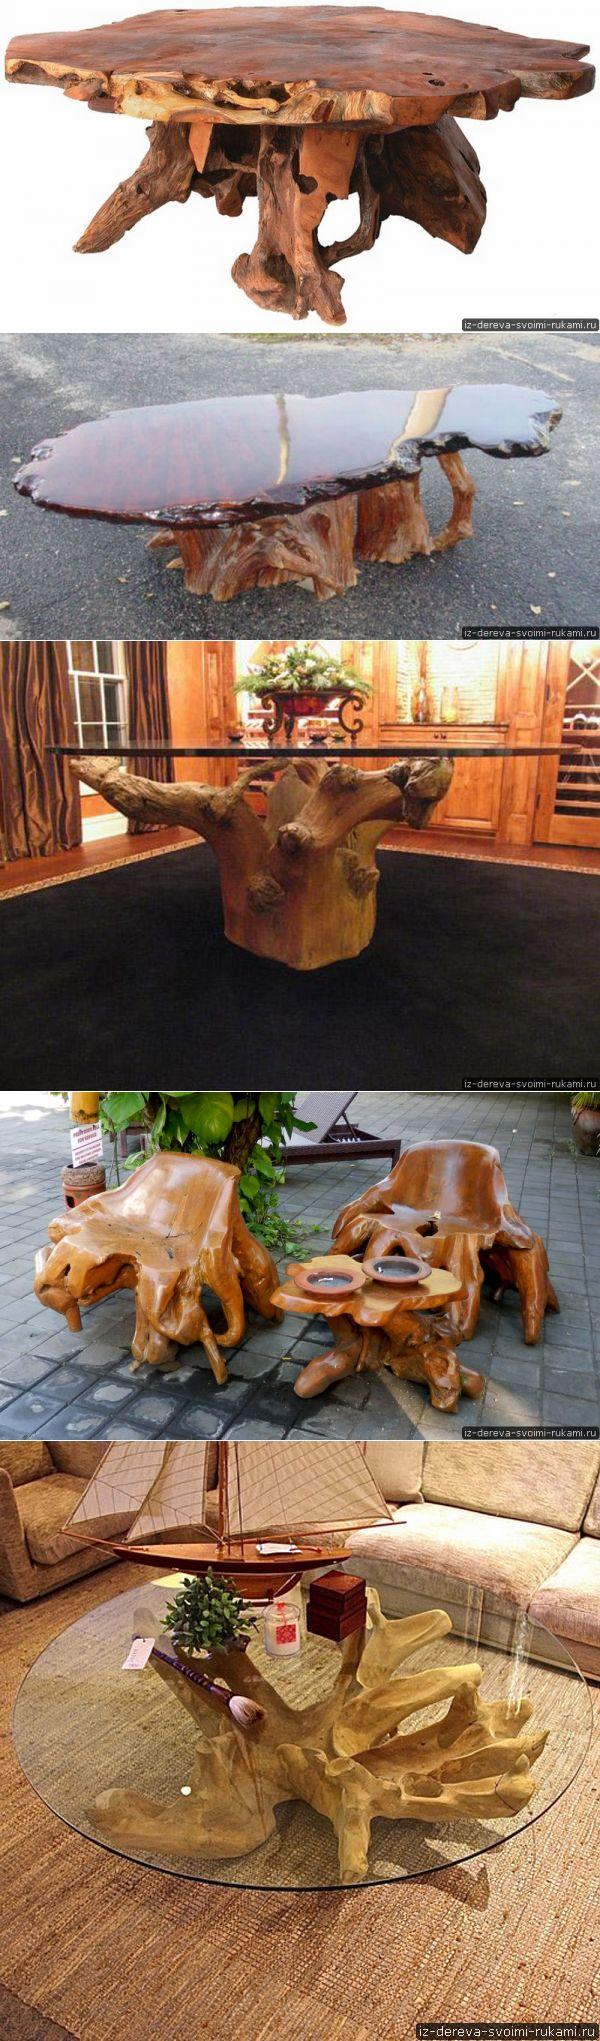 Мебель из пней (12 фотографий). Ход работы по созданию мебели из пня | Из дерева своими руками: поделки, мебель, мастер-классы